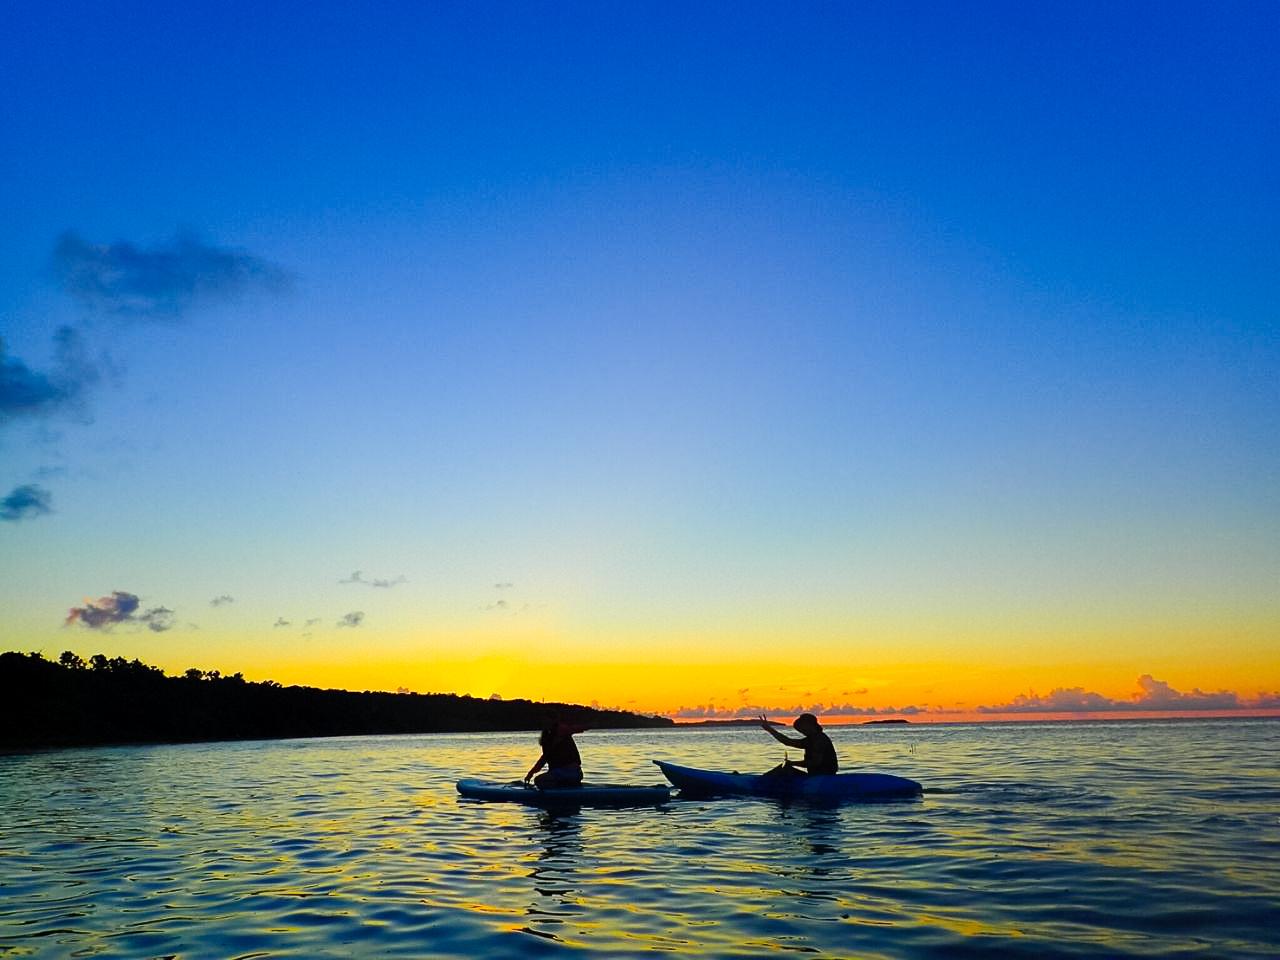 夕暮れも綺麗な川平湾でのカヤック体験